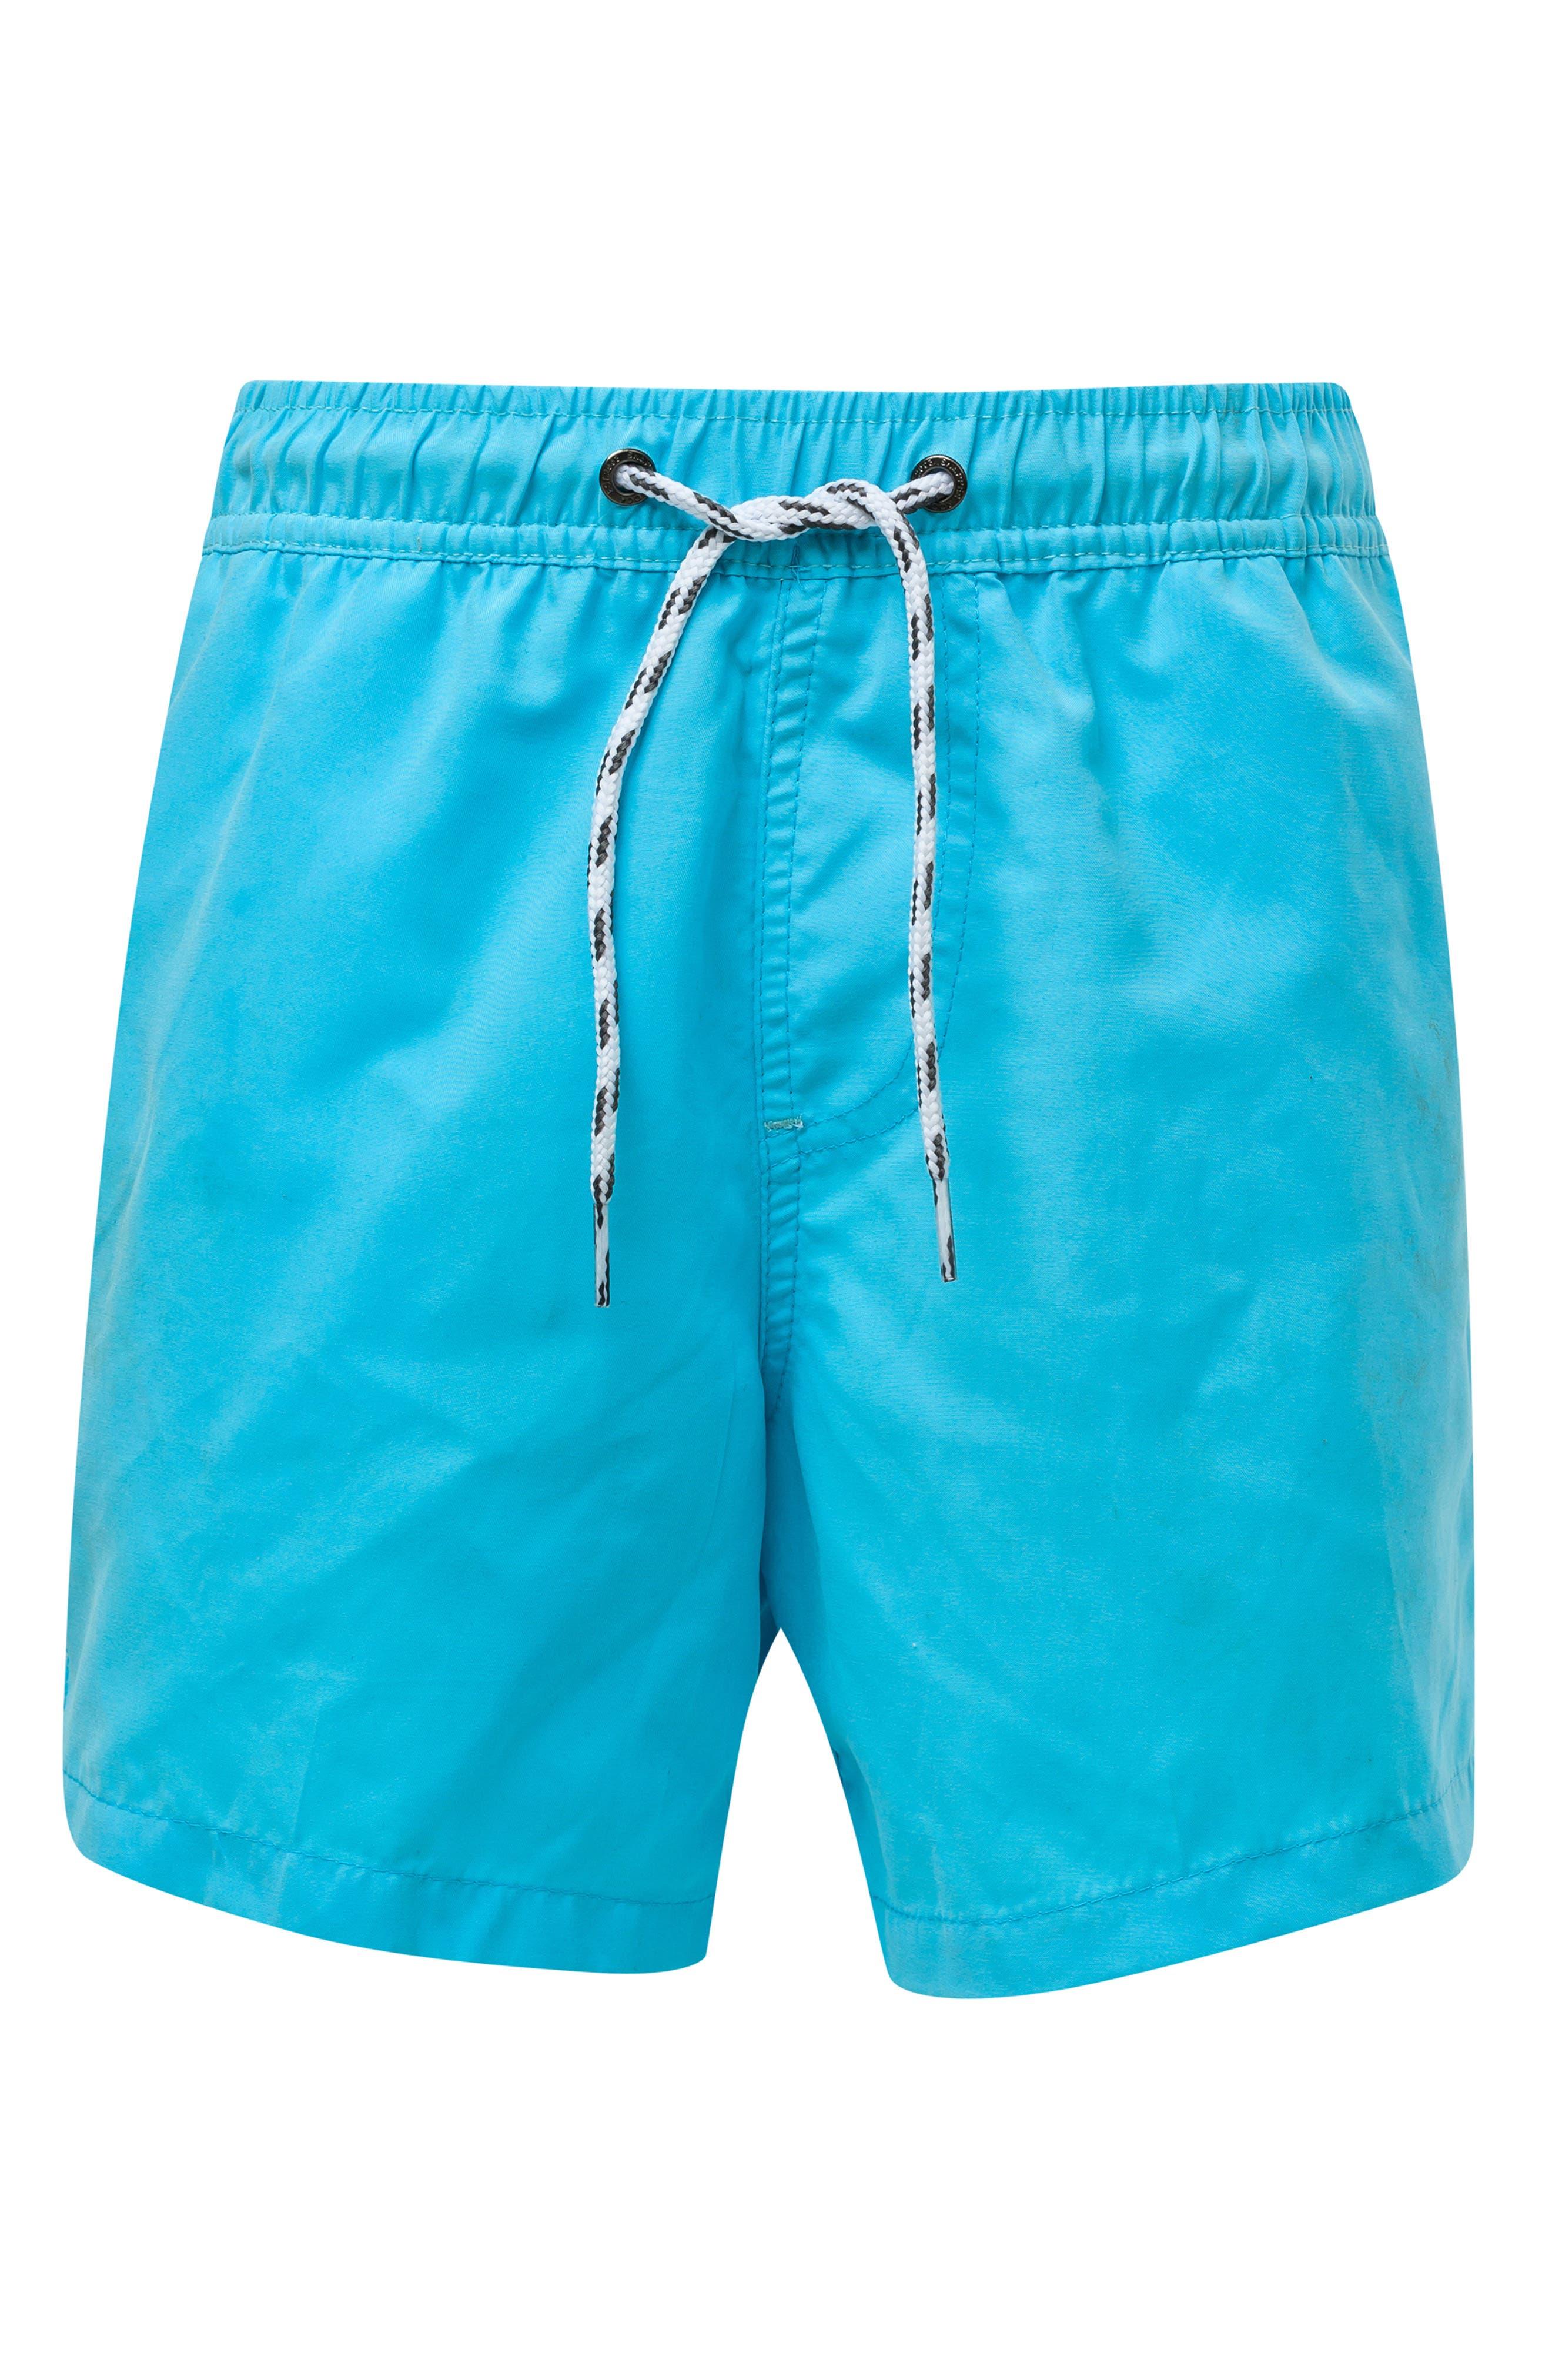 Boys Snapper Rock Aqua Board Shorts Size 6  Blue